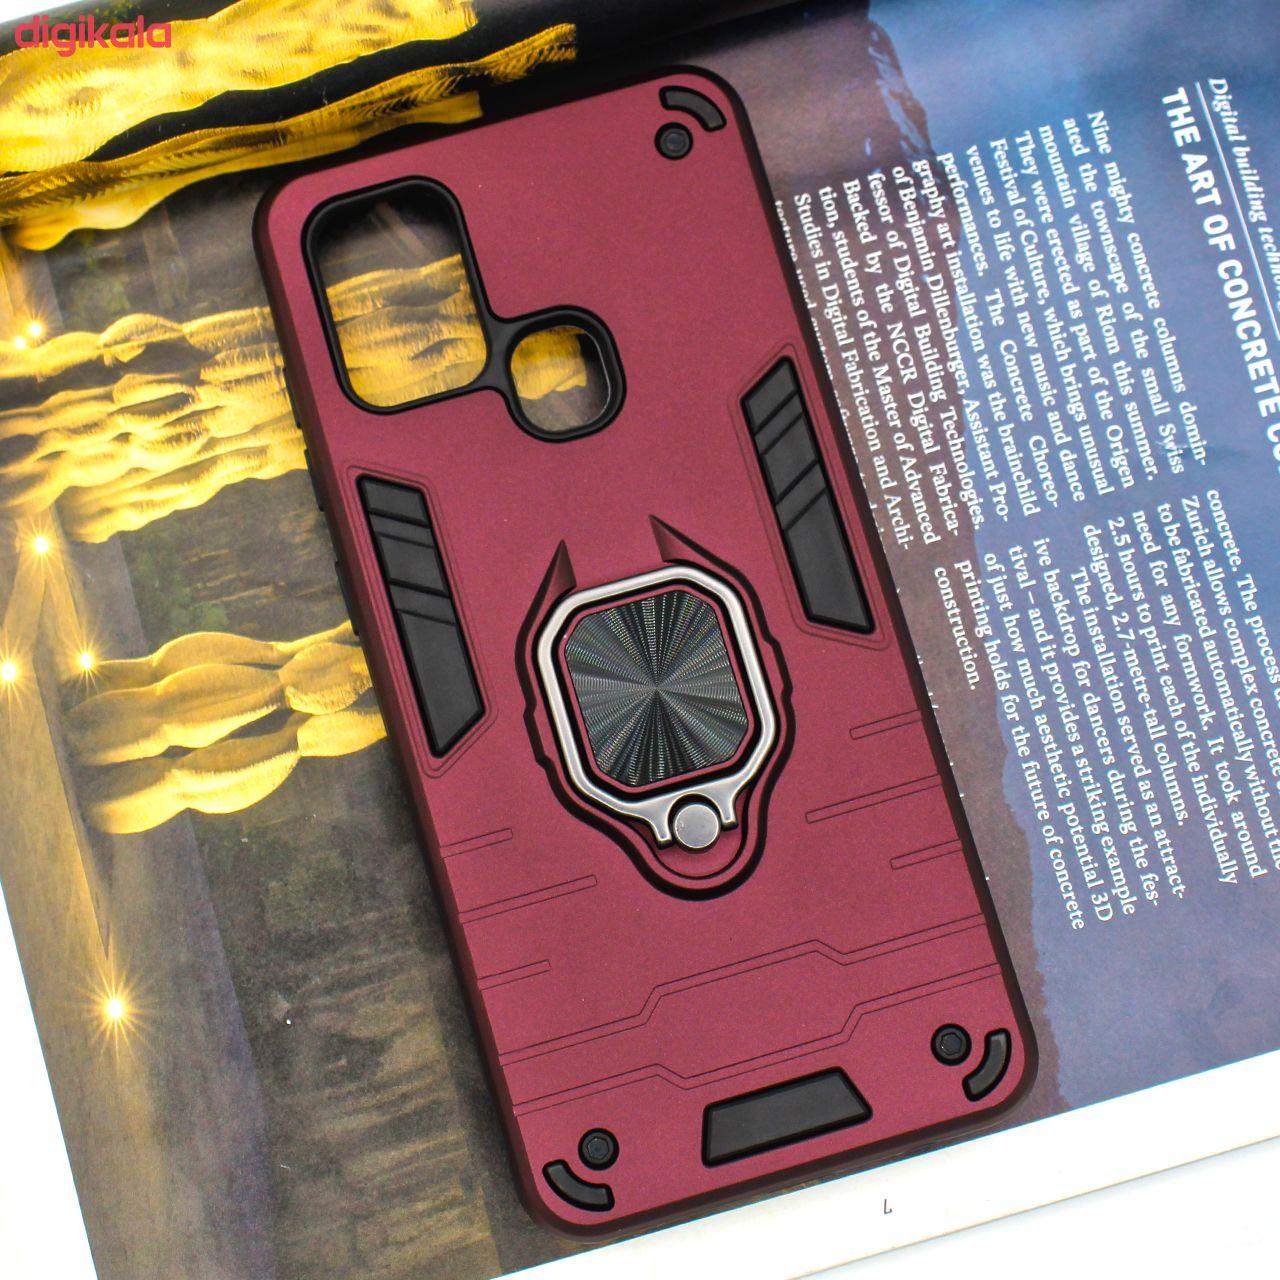 کاور کینگ پاور مدل ASH22 مناسب برای گوشی موبایل سامسونگ Galaxy A21S main 1 4